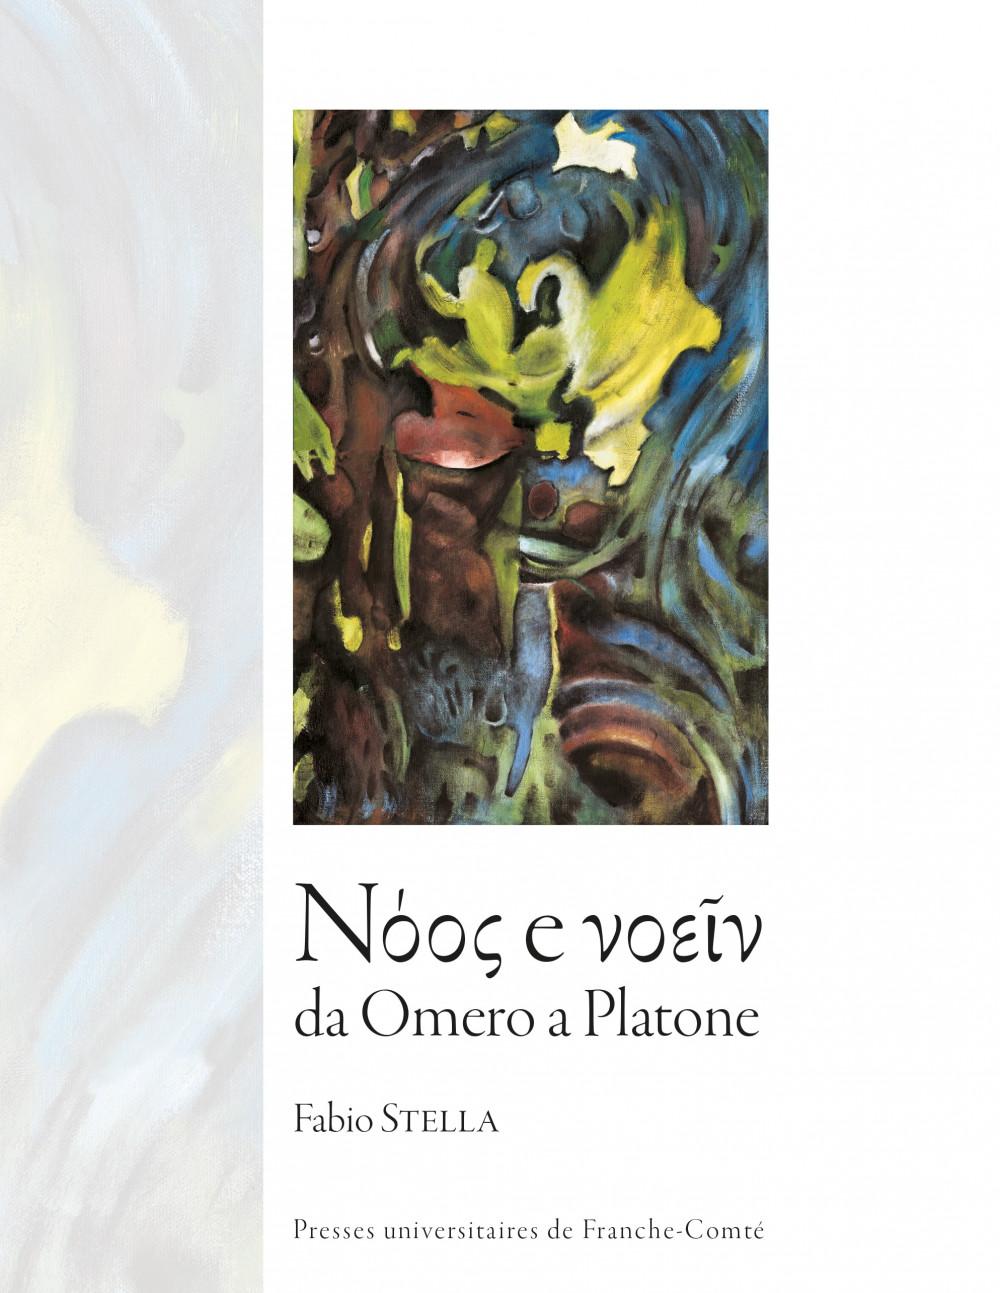 Νόος e νοεῖν da Omero a Platone